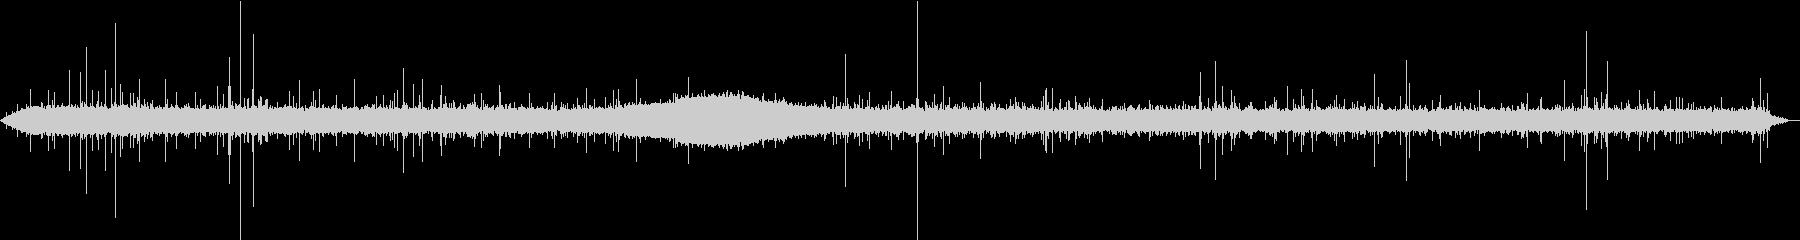 【生録音】美しい雨の音 4の未再生の波形